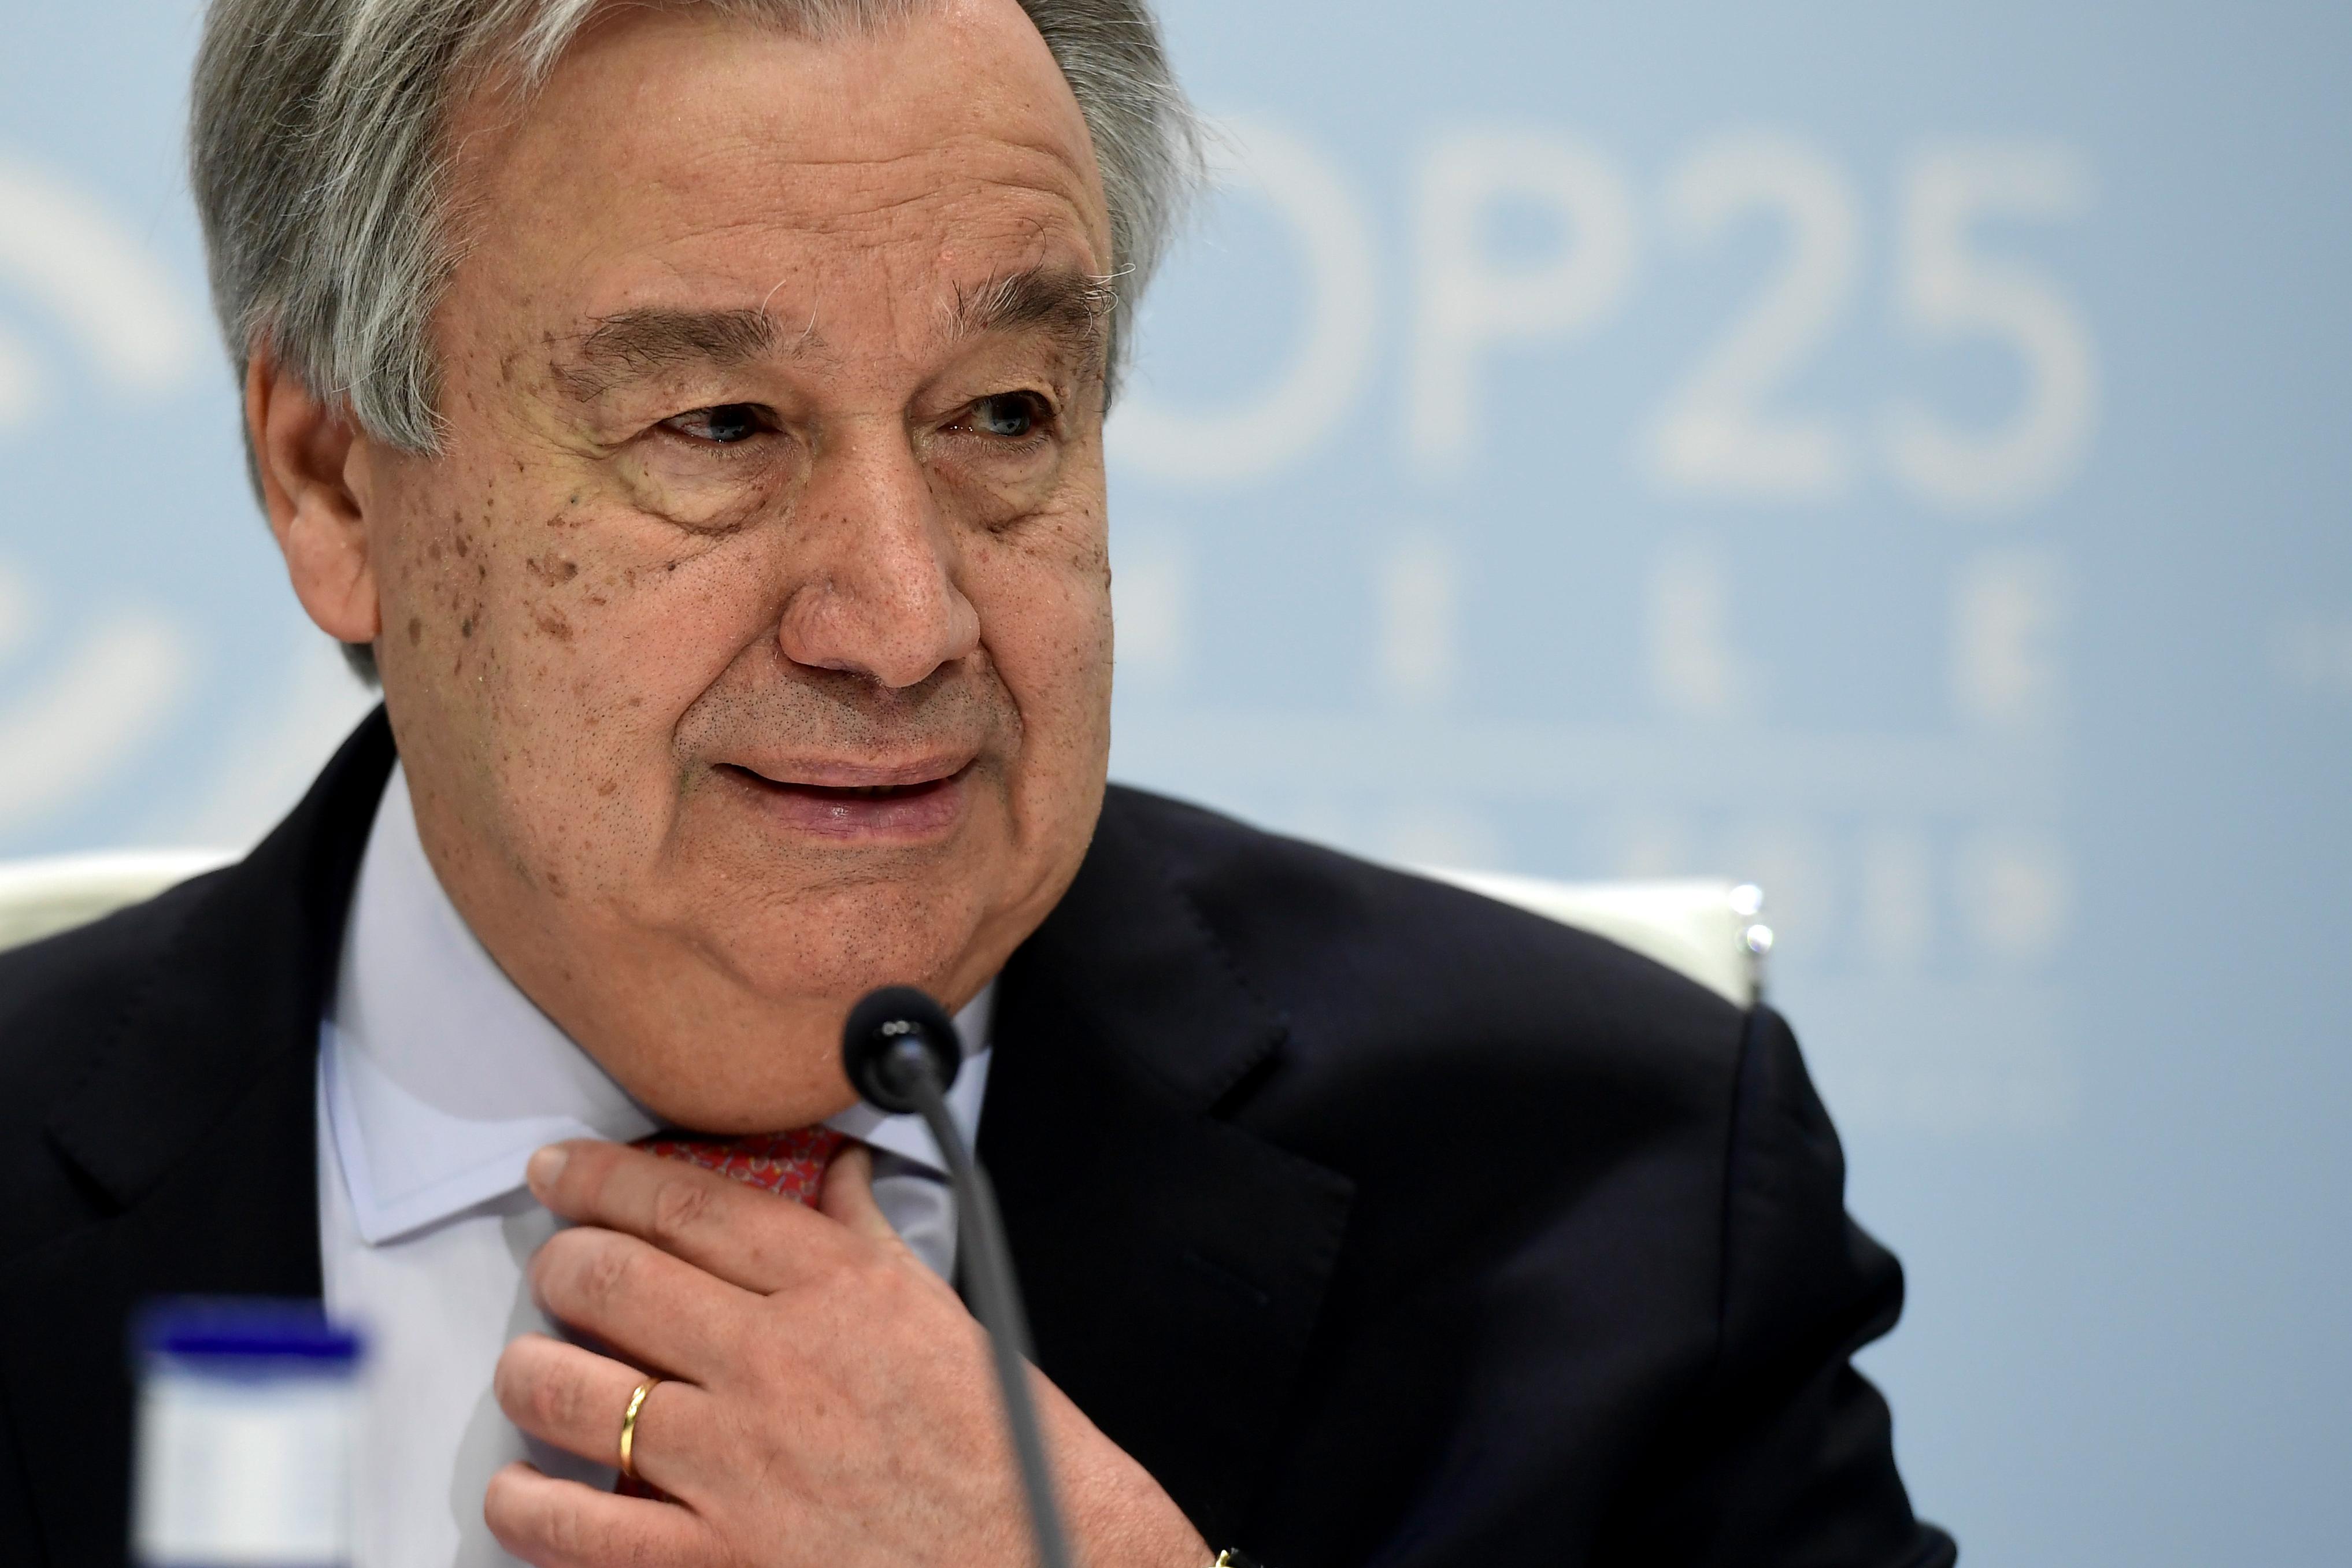 ENSZ-főtitkár: A gazdag országok cserbenhagyták a fejlődő világot a járvány kezelésében